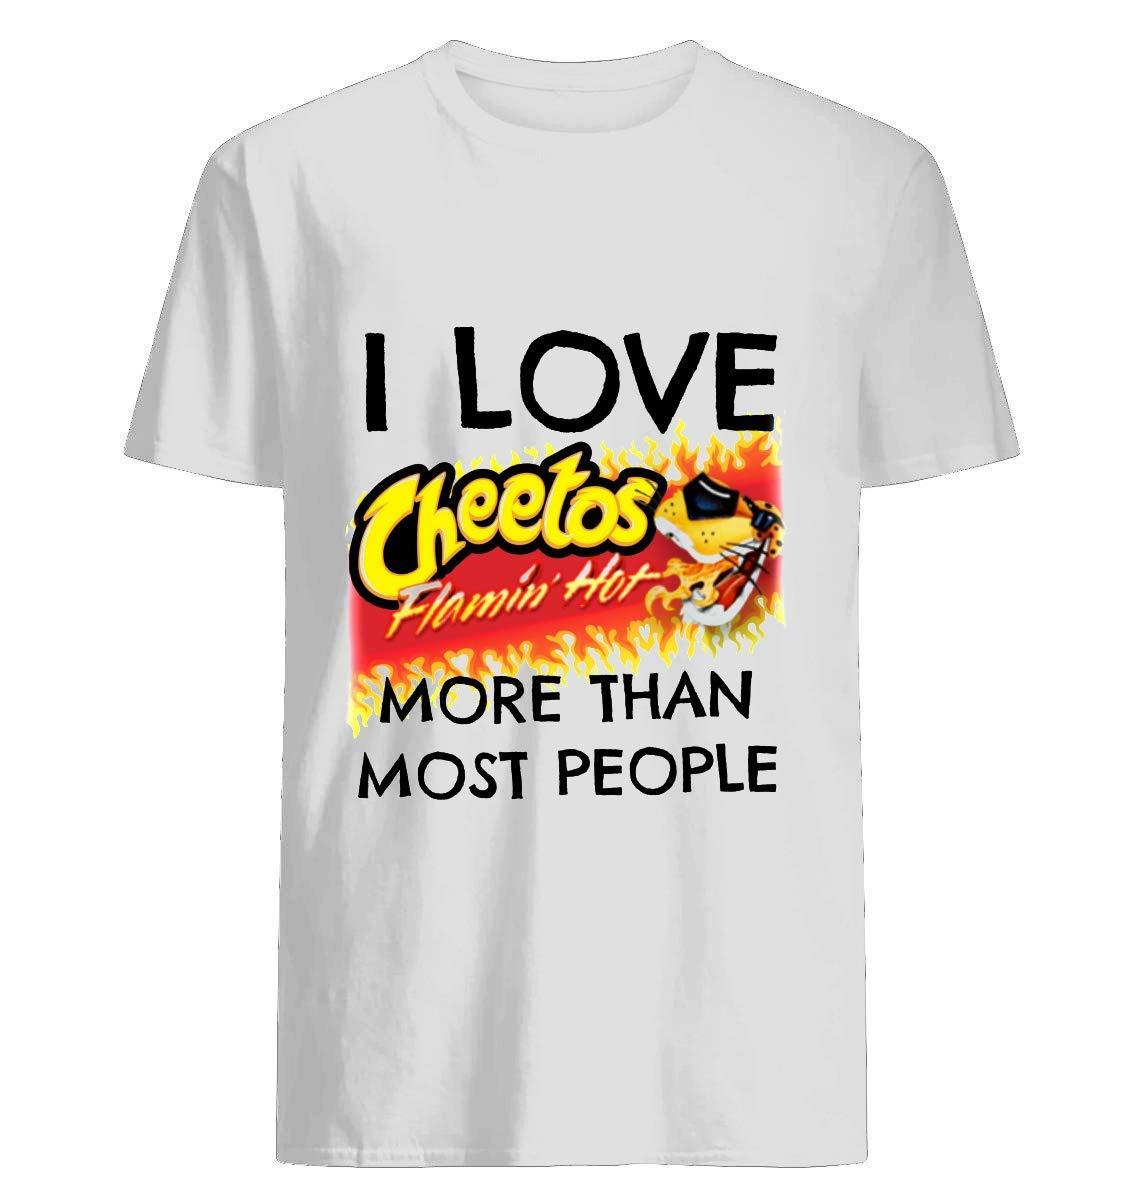 Hot Cheetos Shirts